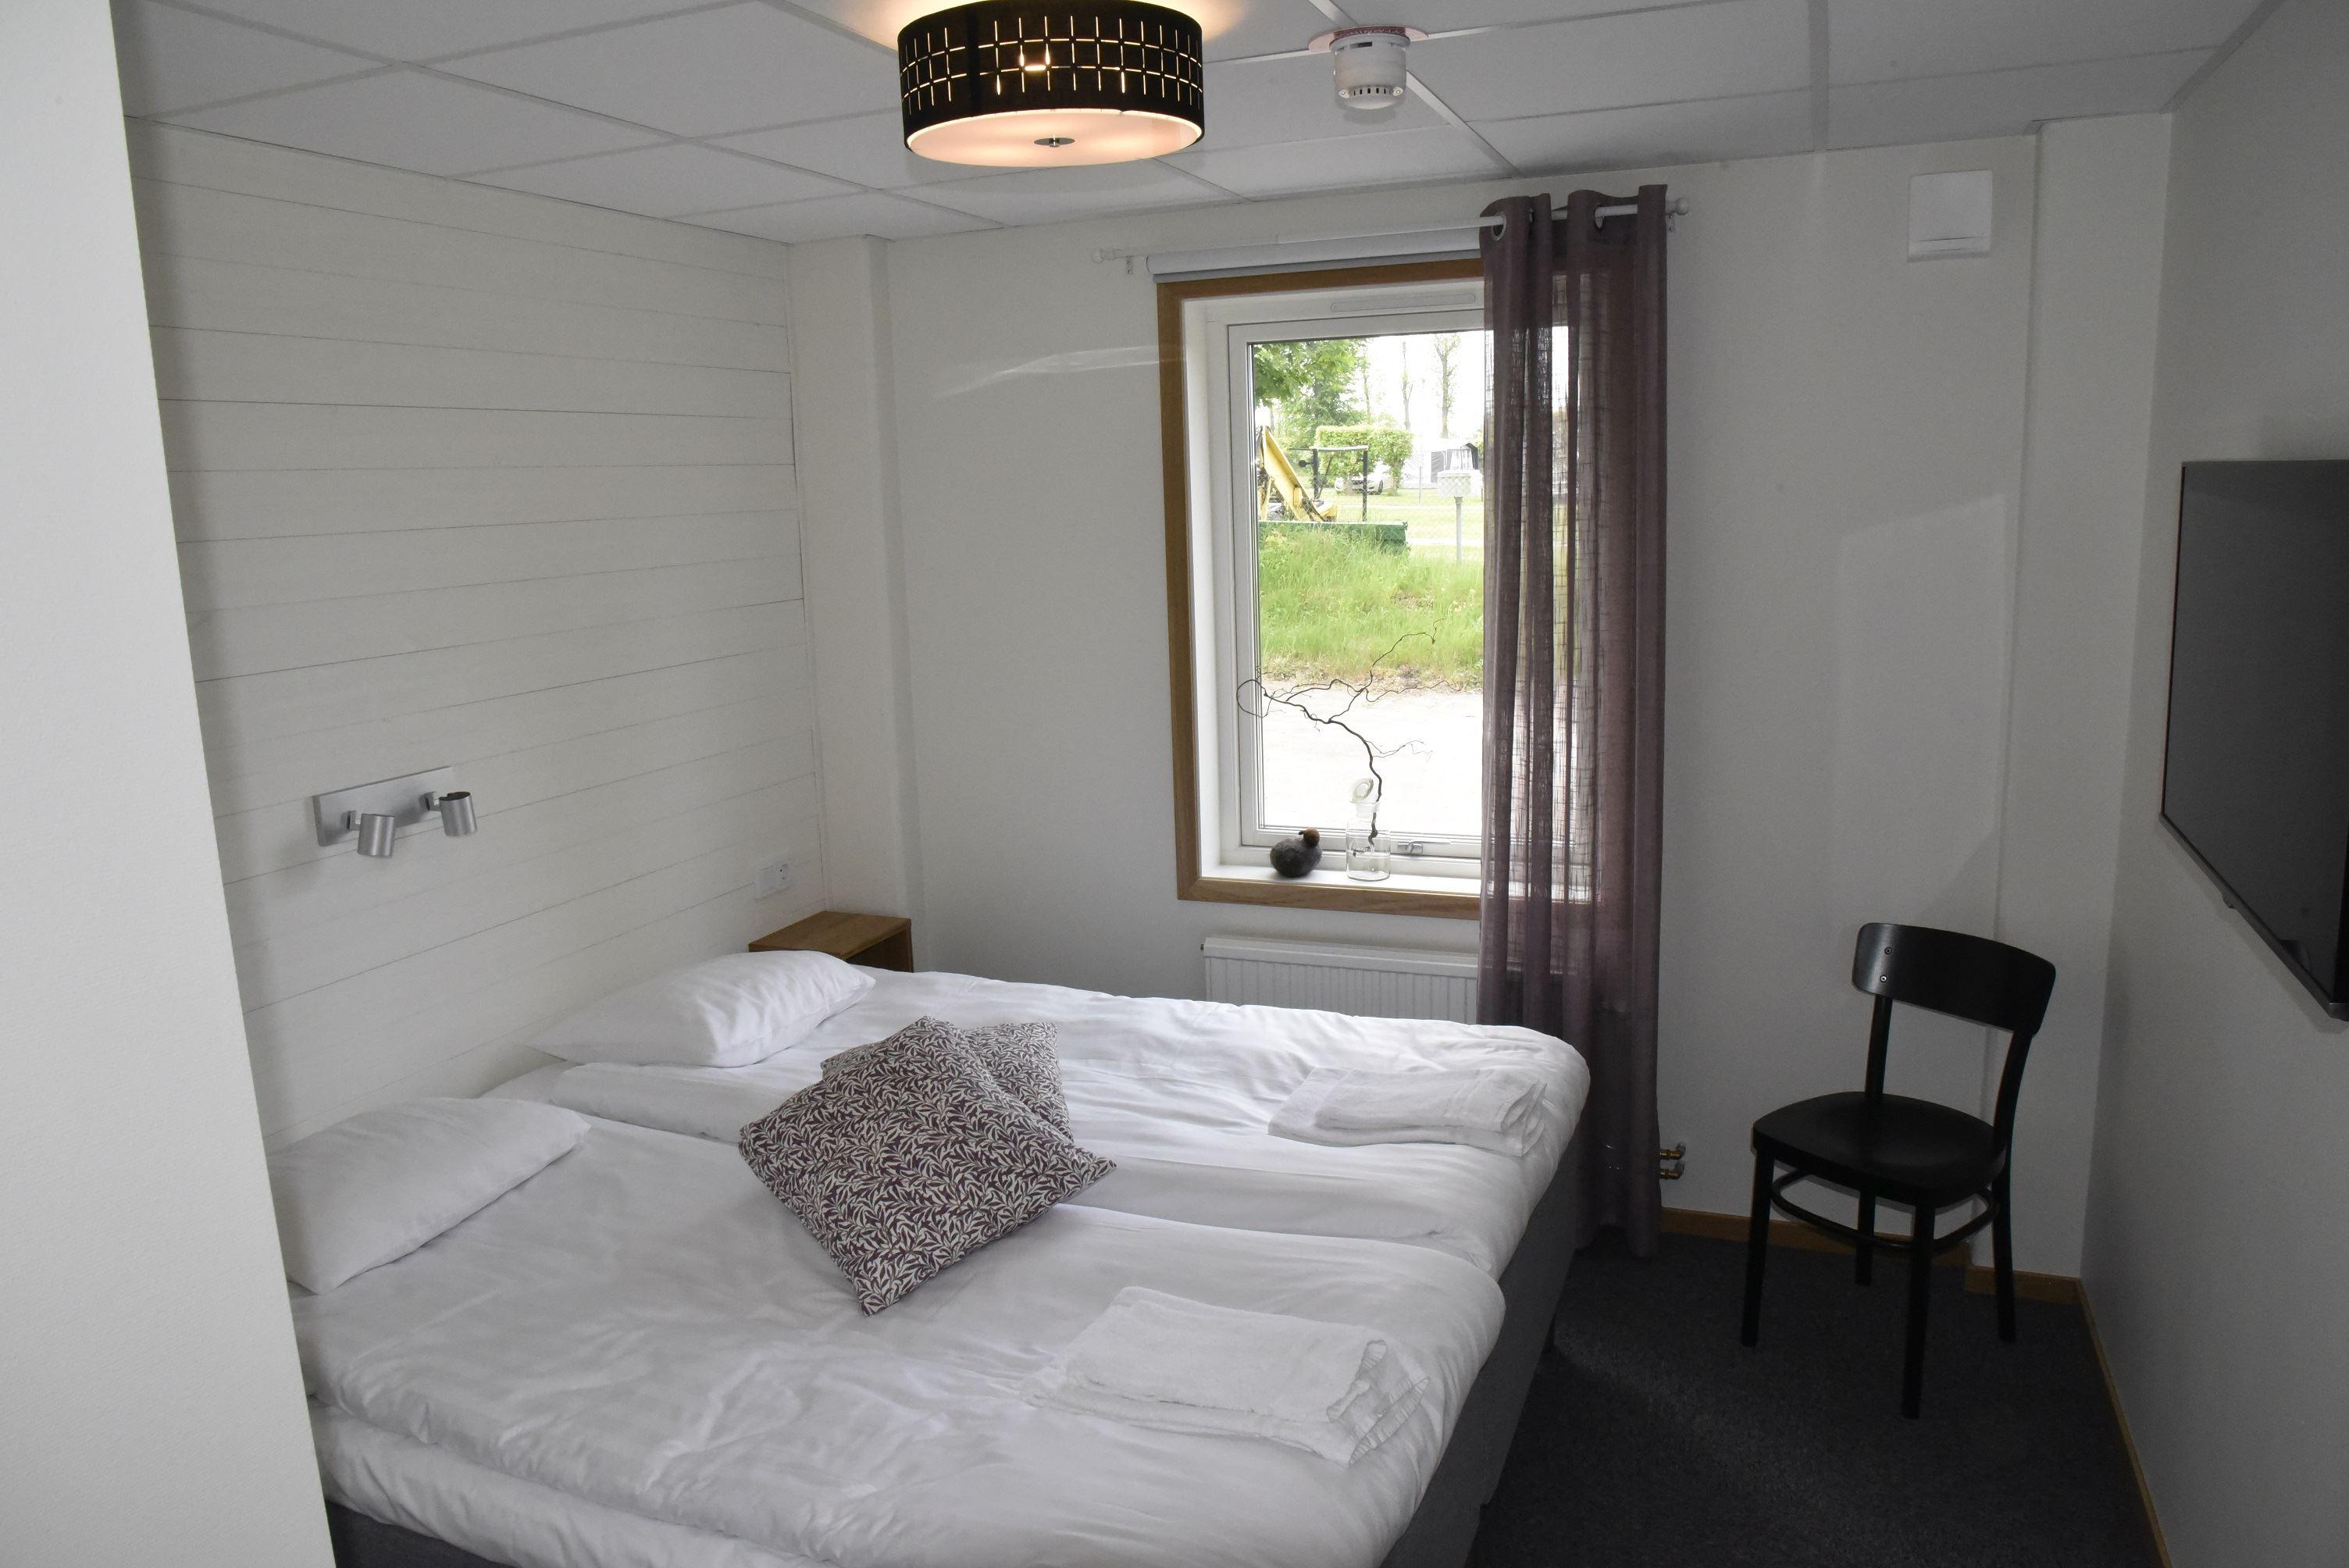 Klintagården Hotels